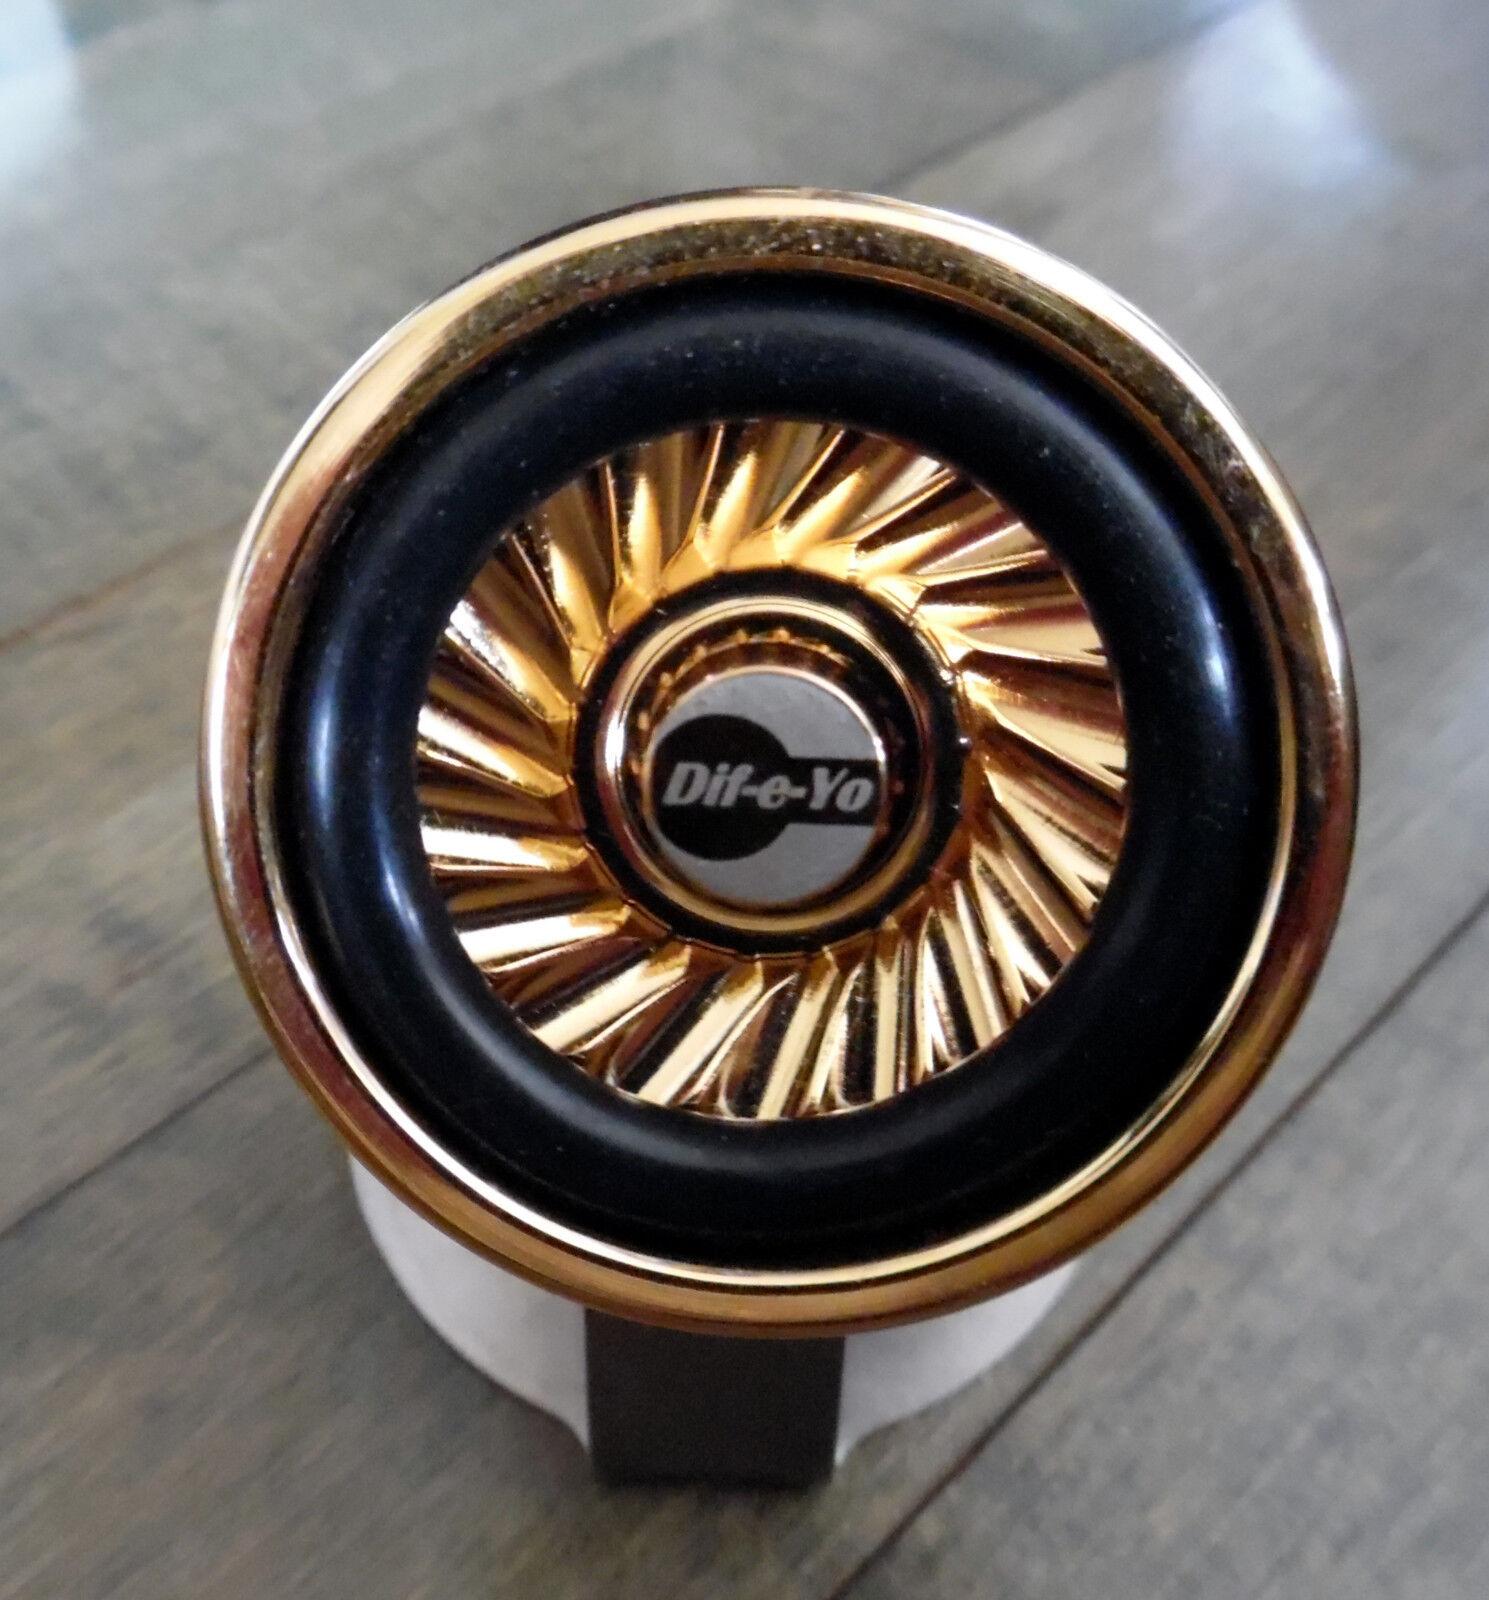 Dif-e-yo verGoldeter zzzip fliegen  begrenzten  modell yoyo jo - jo